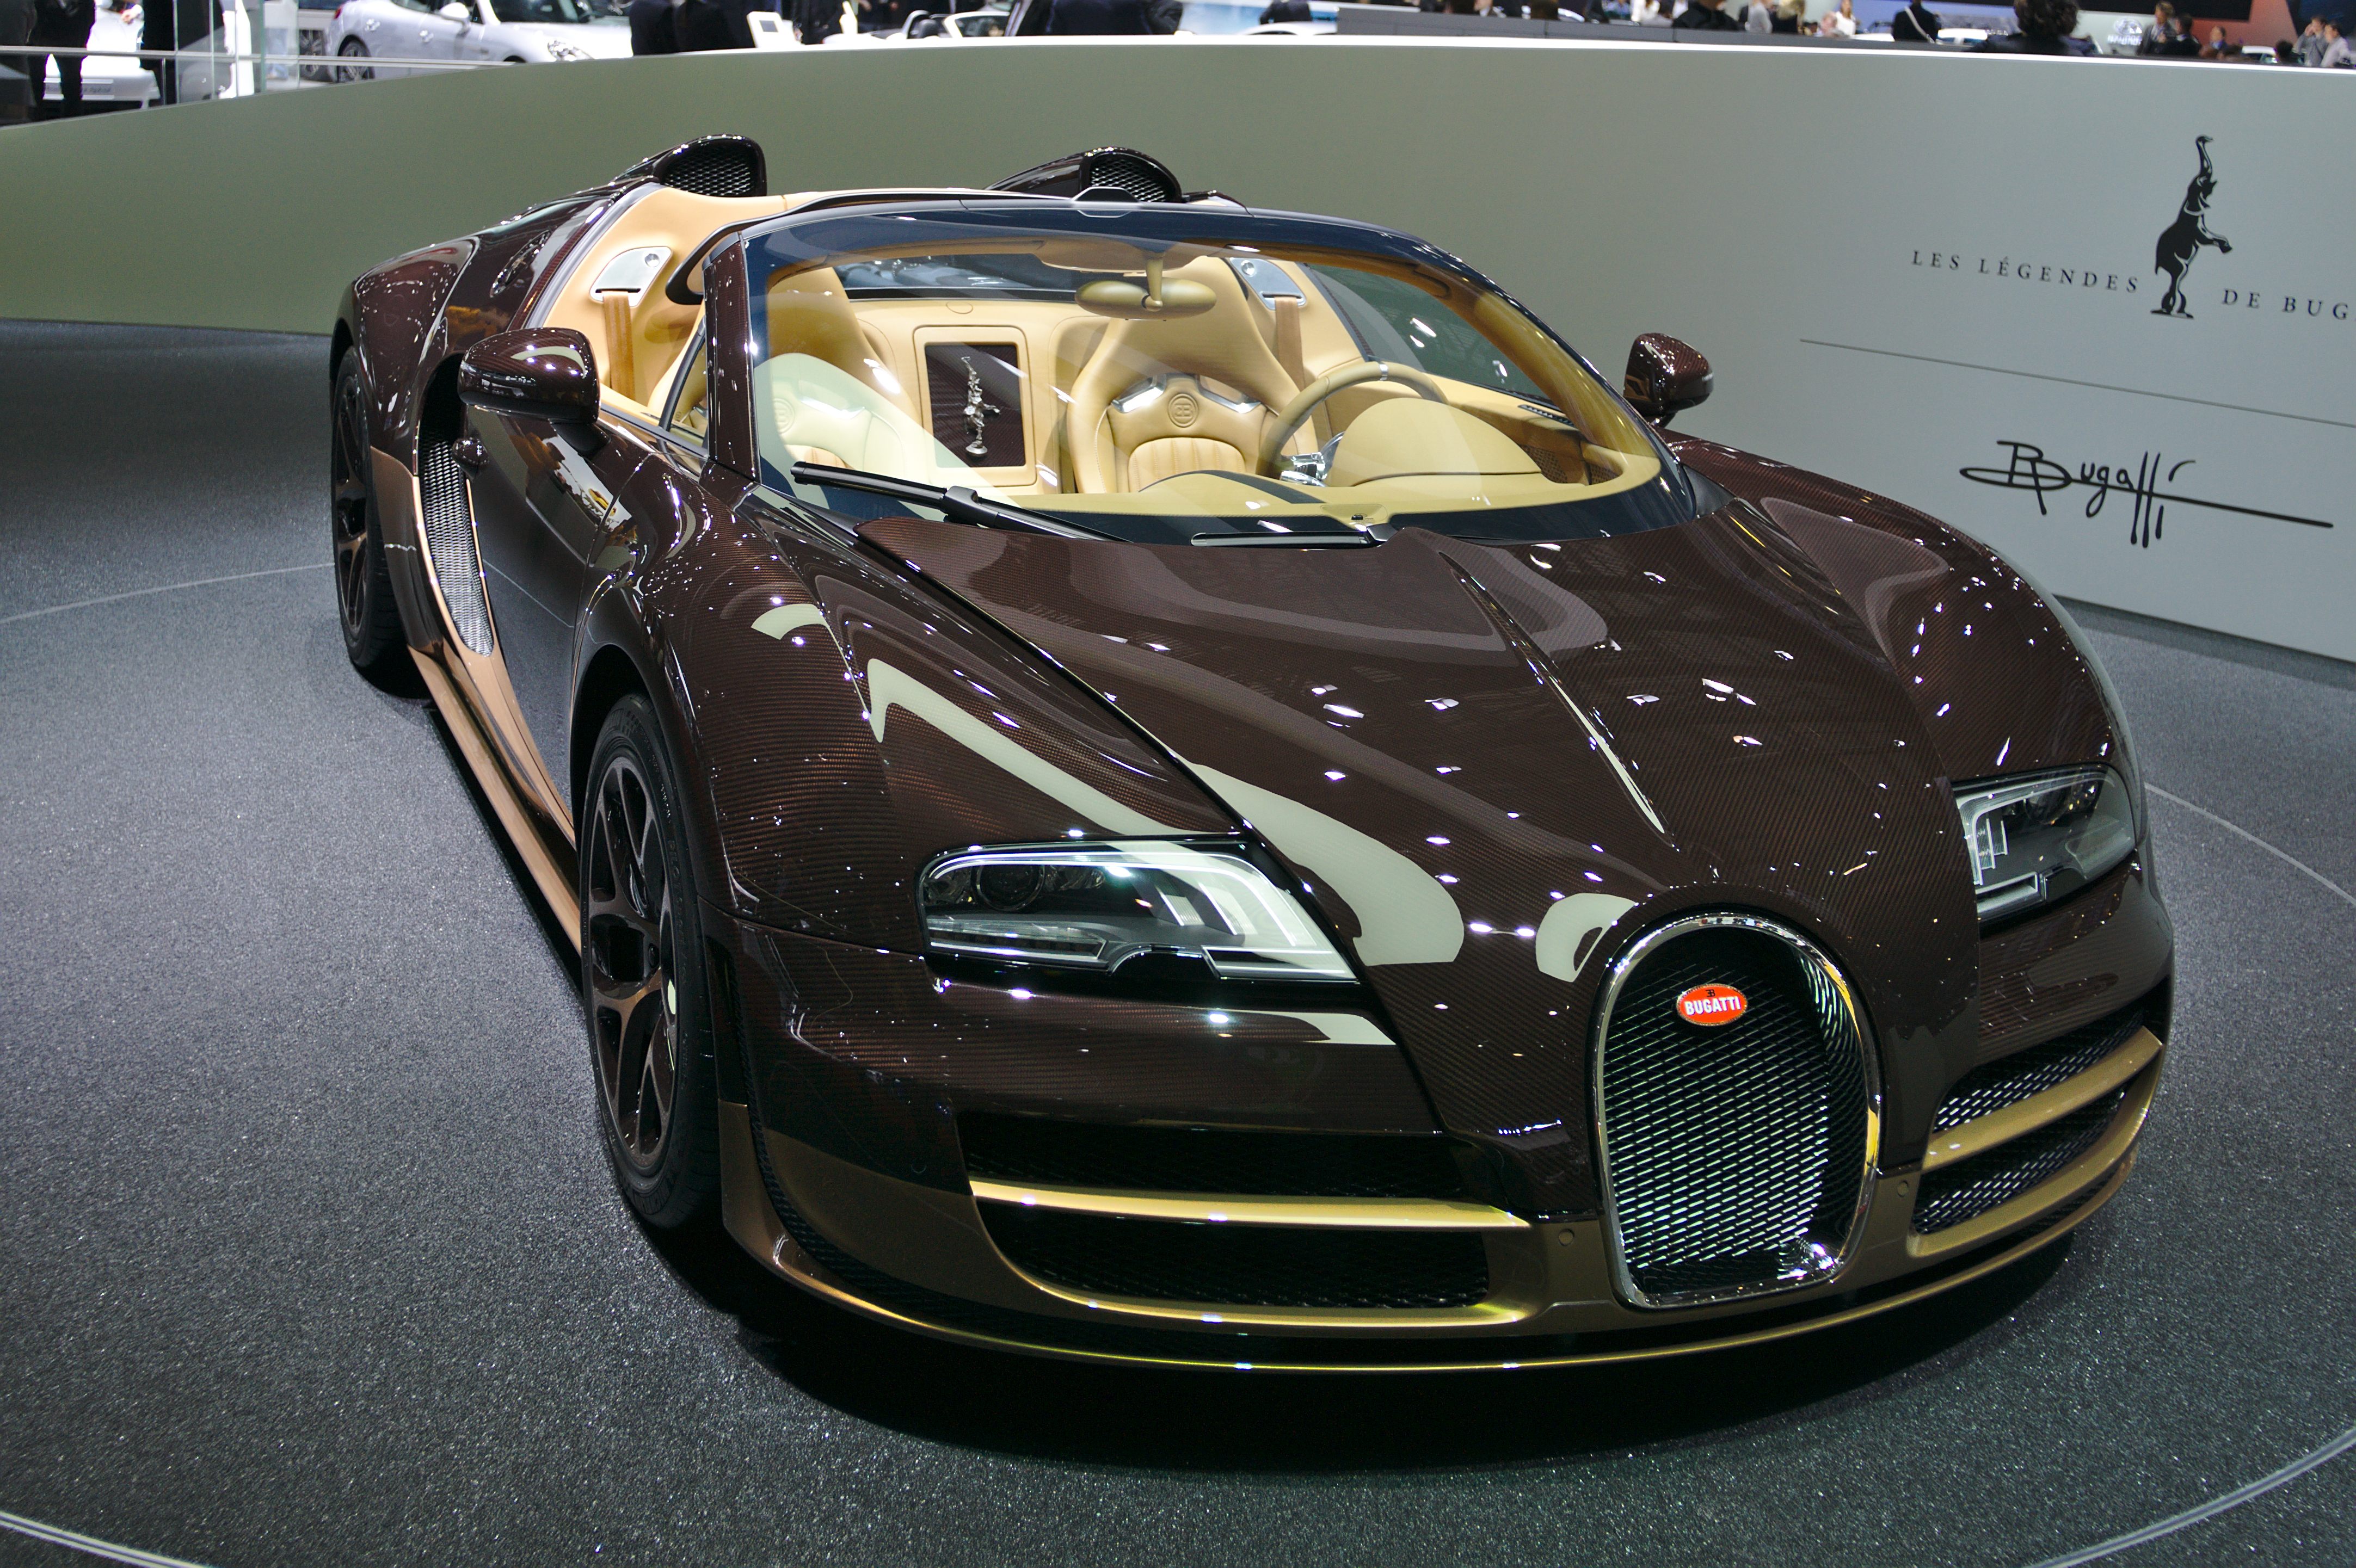 Salon_de_l%27auto_de_Gen%C3%A8ve_2014_-_20140305_-_Bugatti_Veyron_Grand_Sport_Vitesse_Rembrandt_Bugatti_2 Extraordinary Bugatti Veyron Grand Sport Vitesse Cars Trend